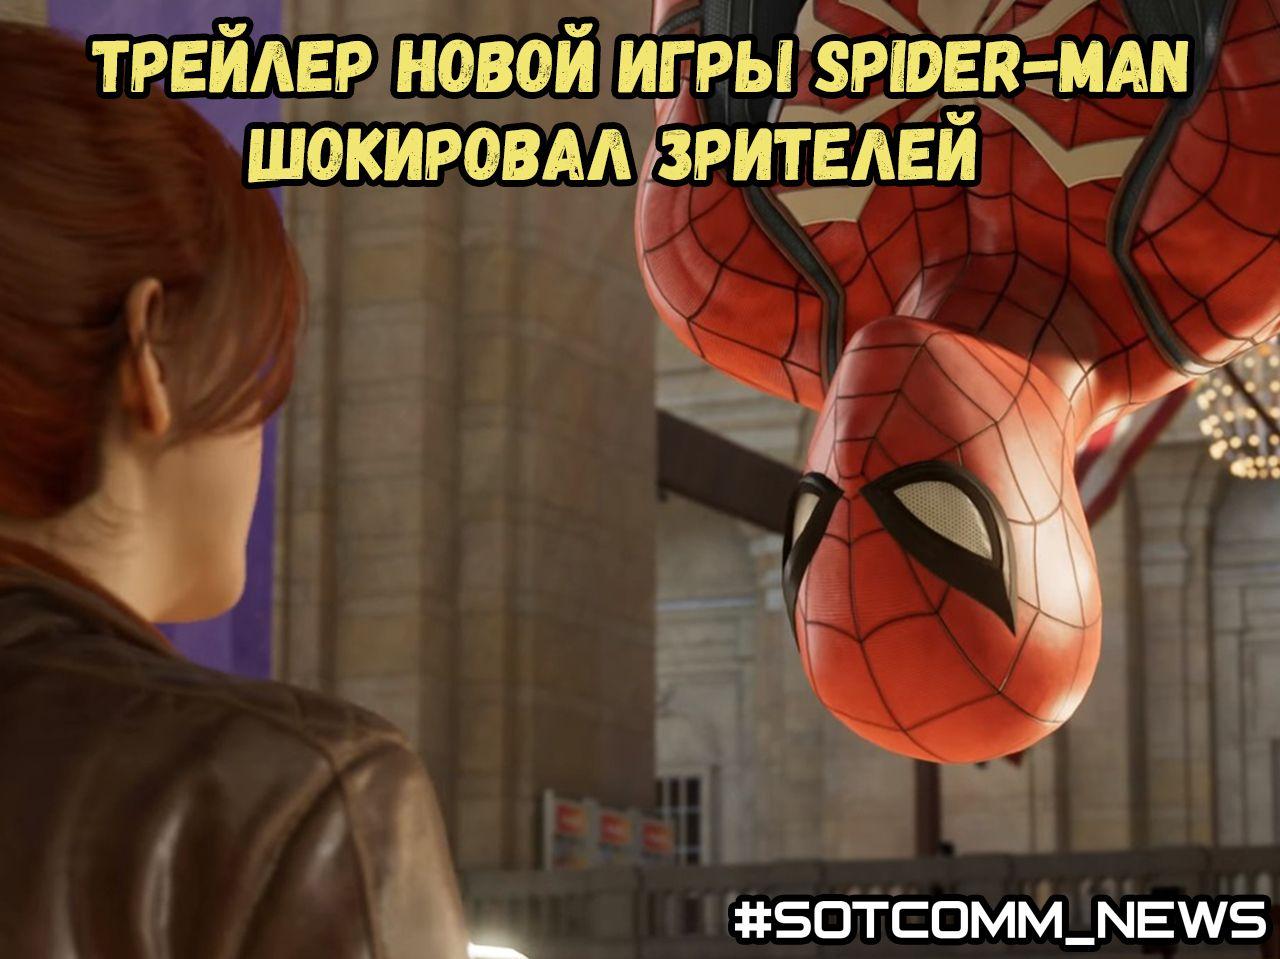 Трейлер новой игры Spider-Man шокировал зрителей